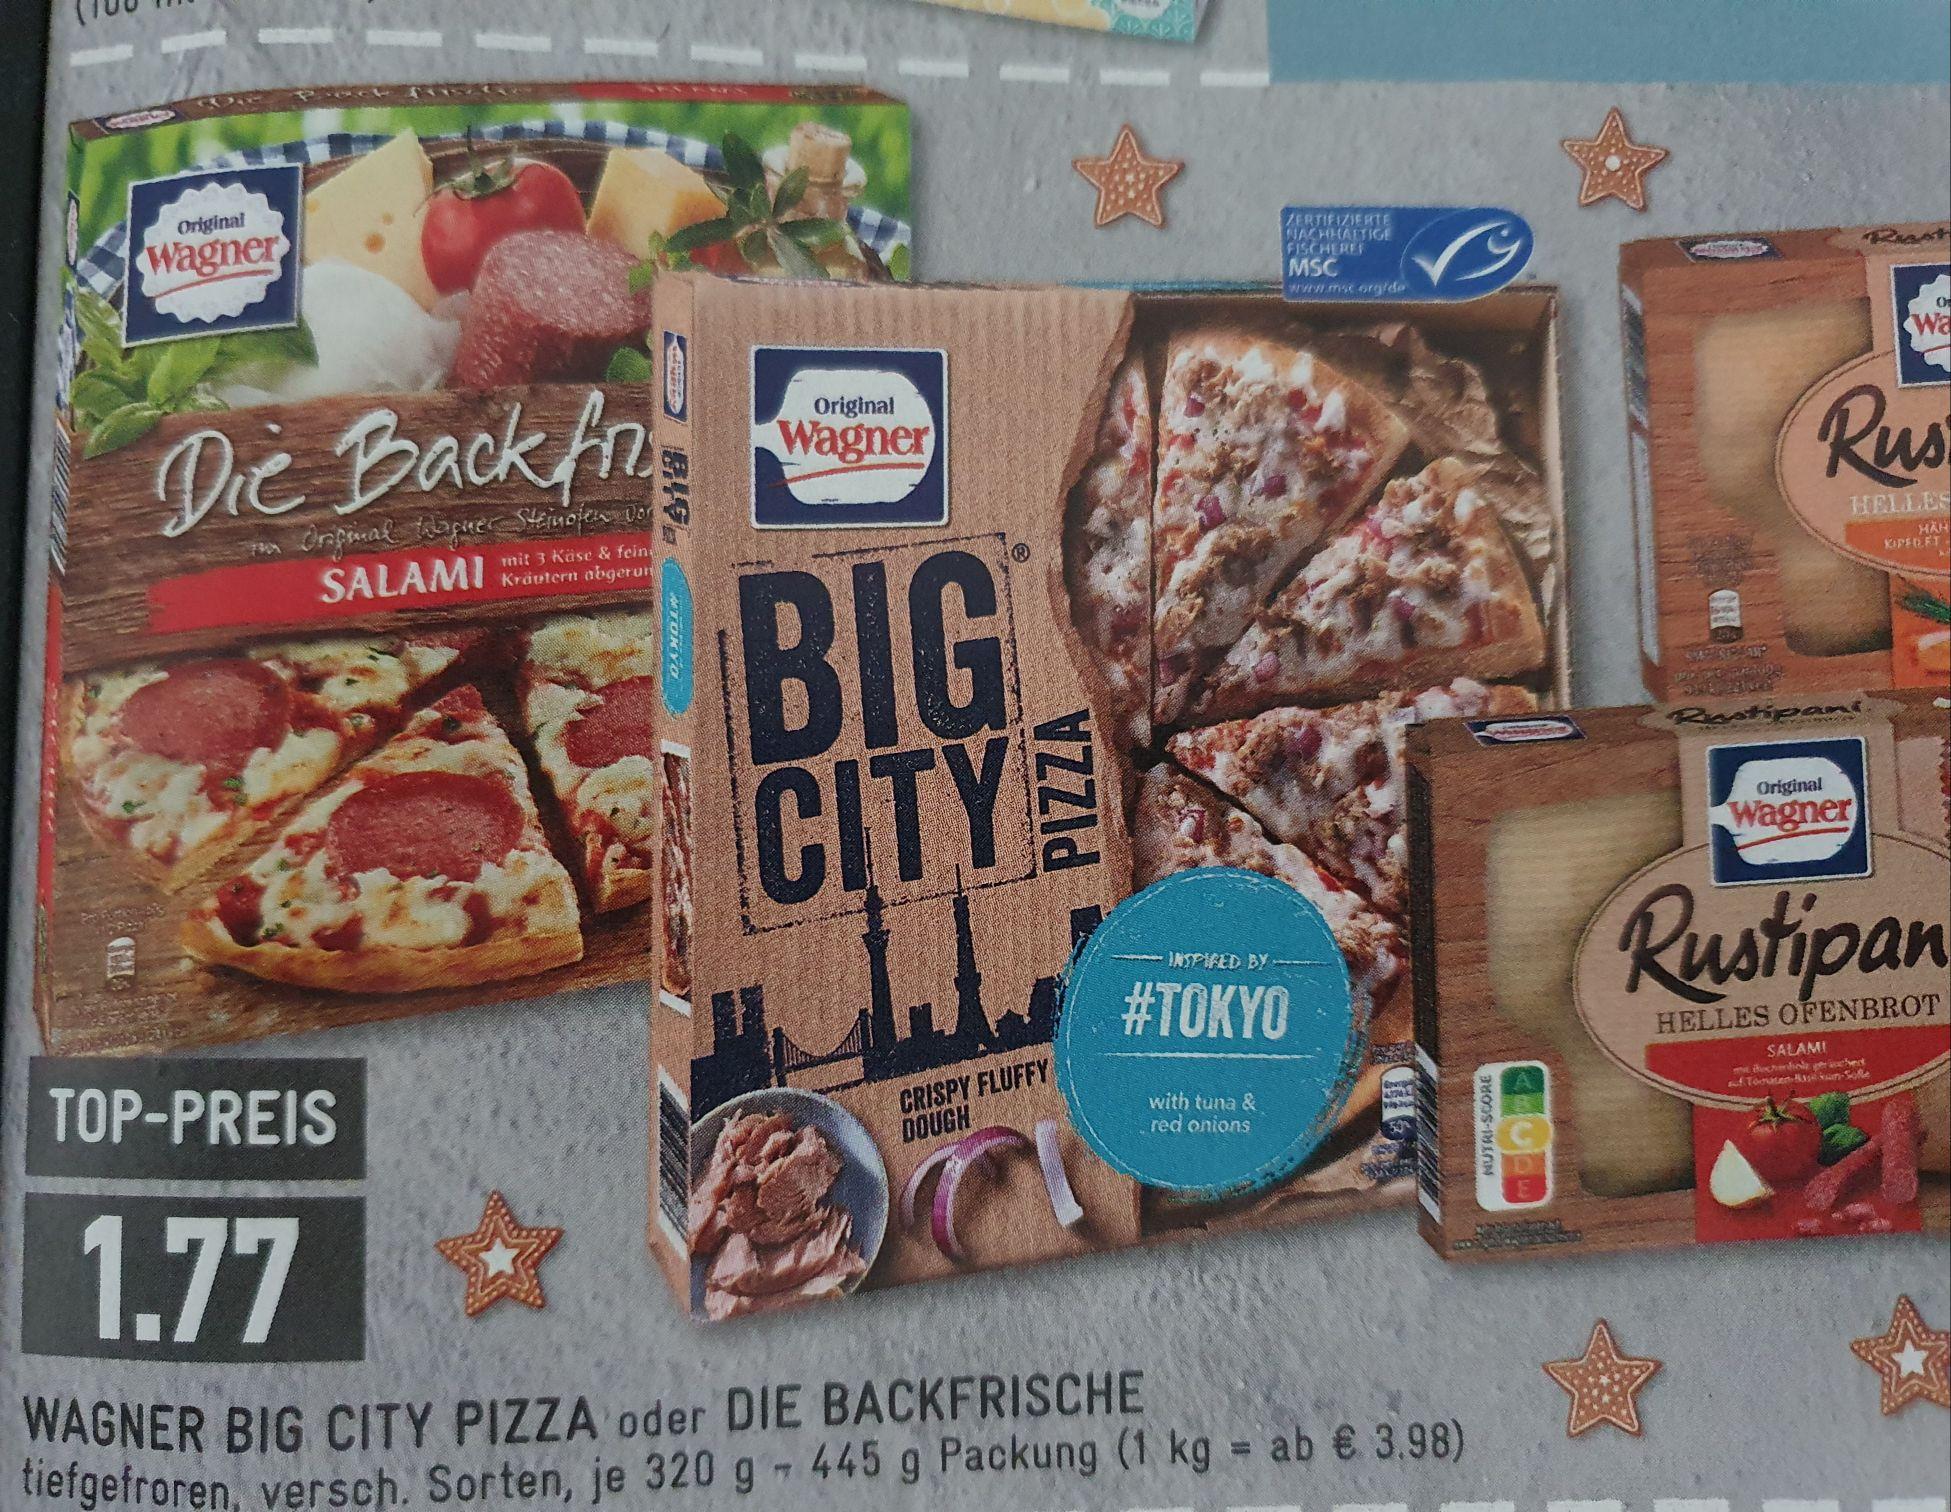 (Edeka) original Wagner Big City Pizza für 1,77 durch Scondoo Cashback effektiv 1,02€